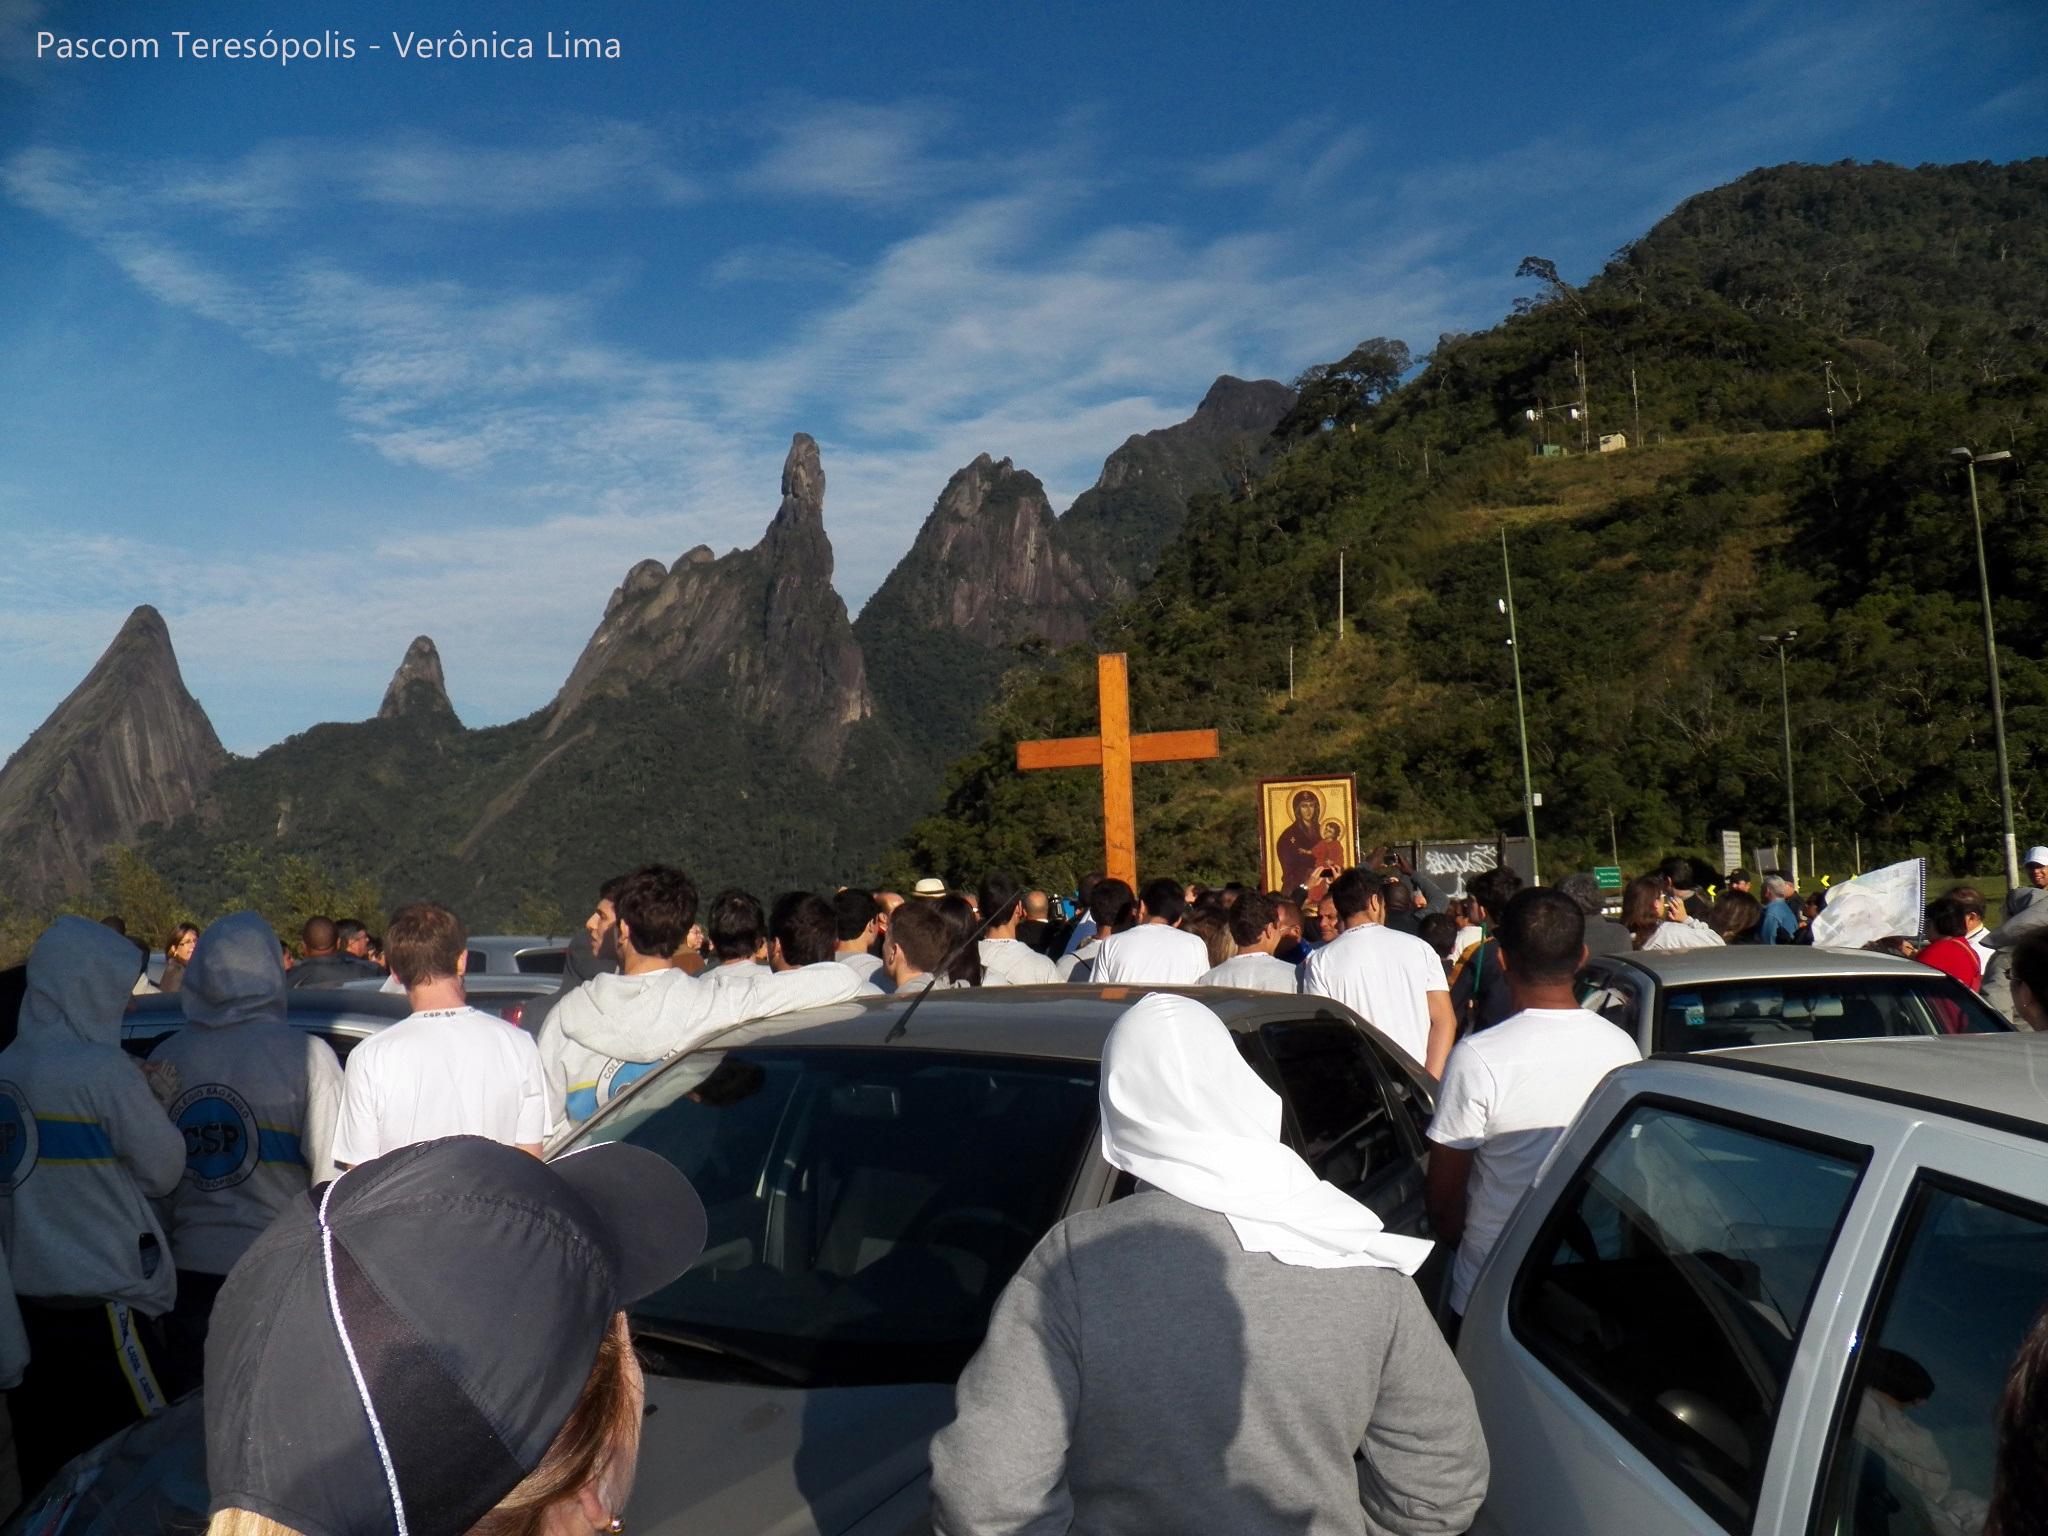 Fiéis se emocionam com símbolos da JMJ em Teresópolis